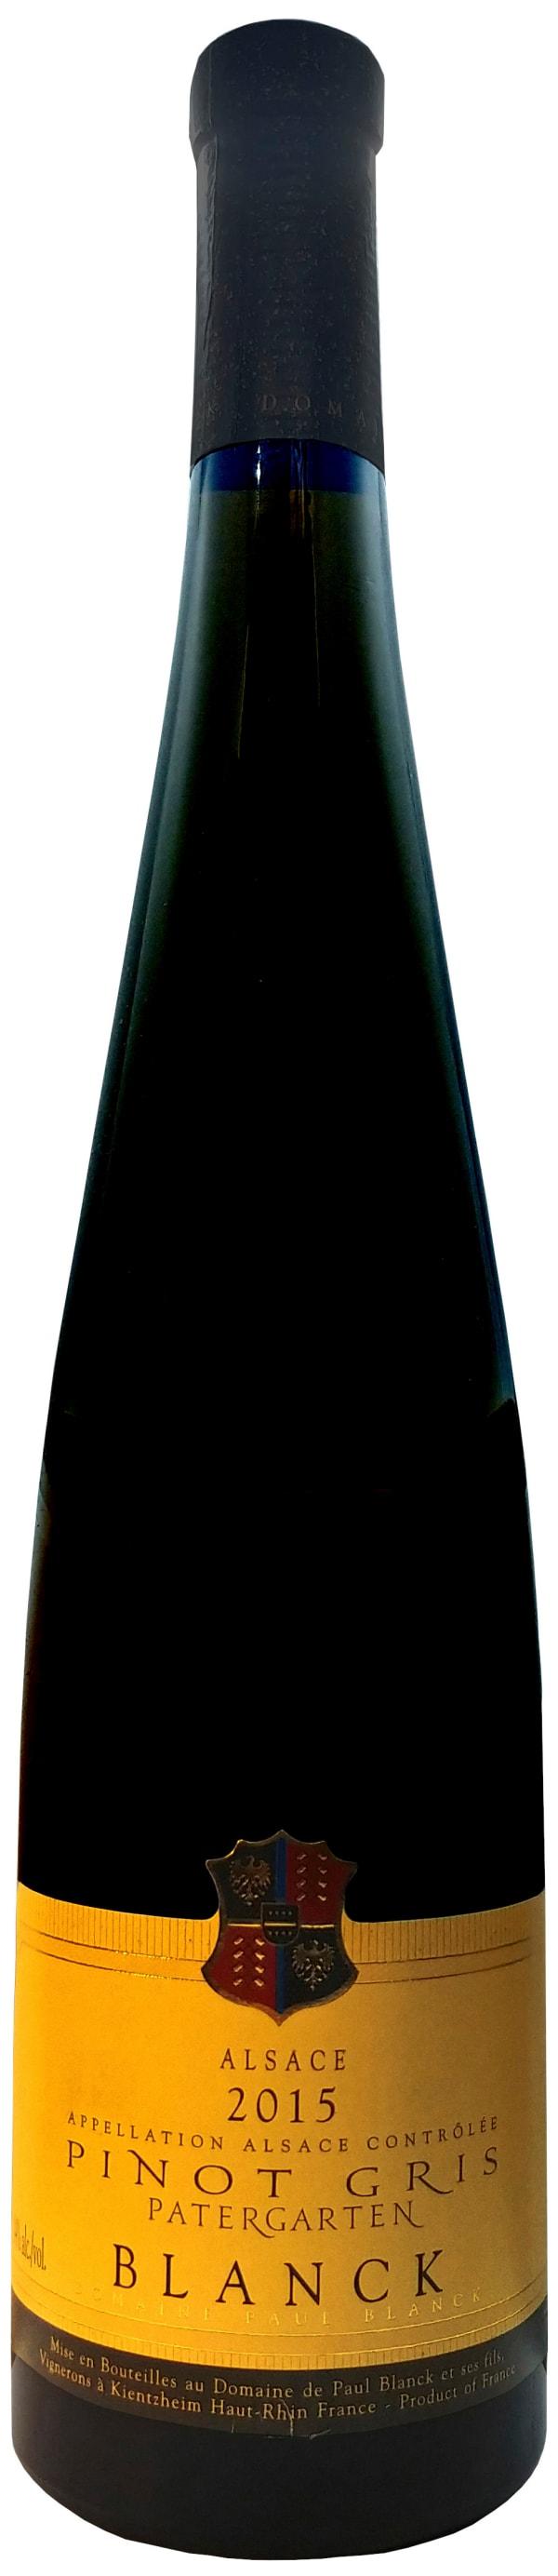 Paul Blanck Pinot Gris Patergarten 2015